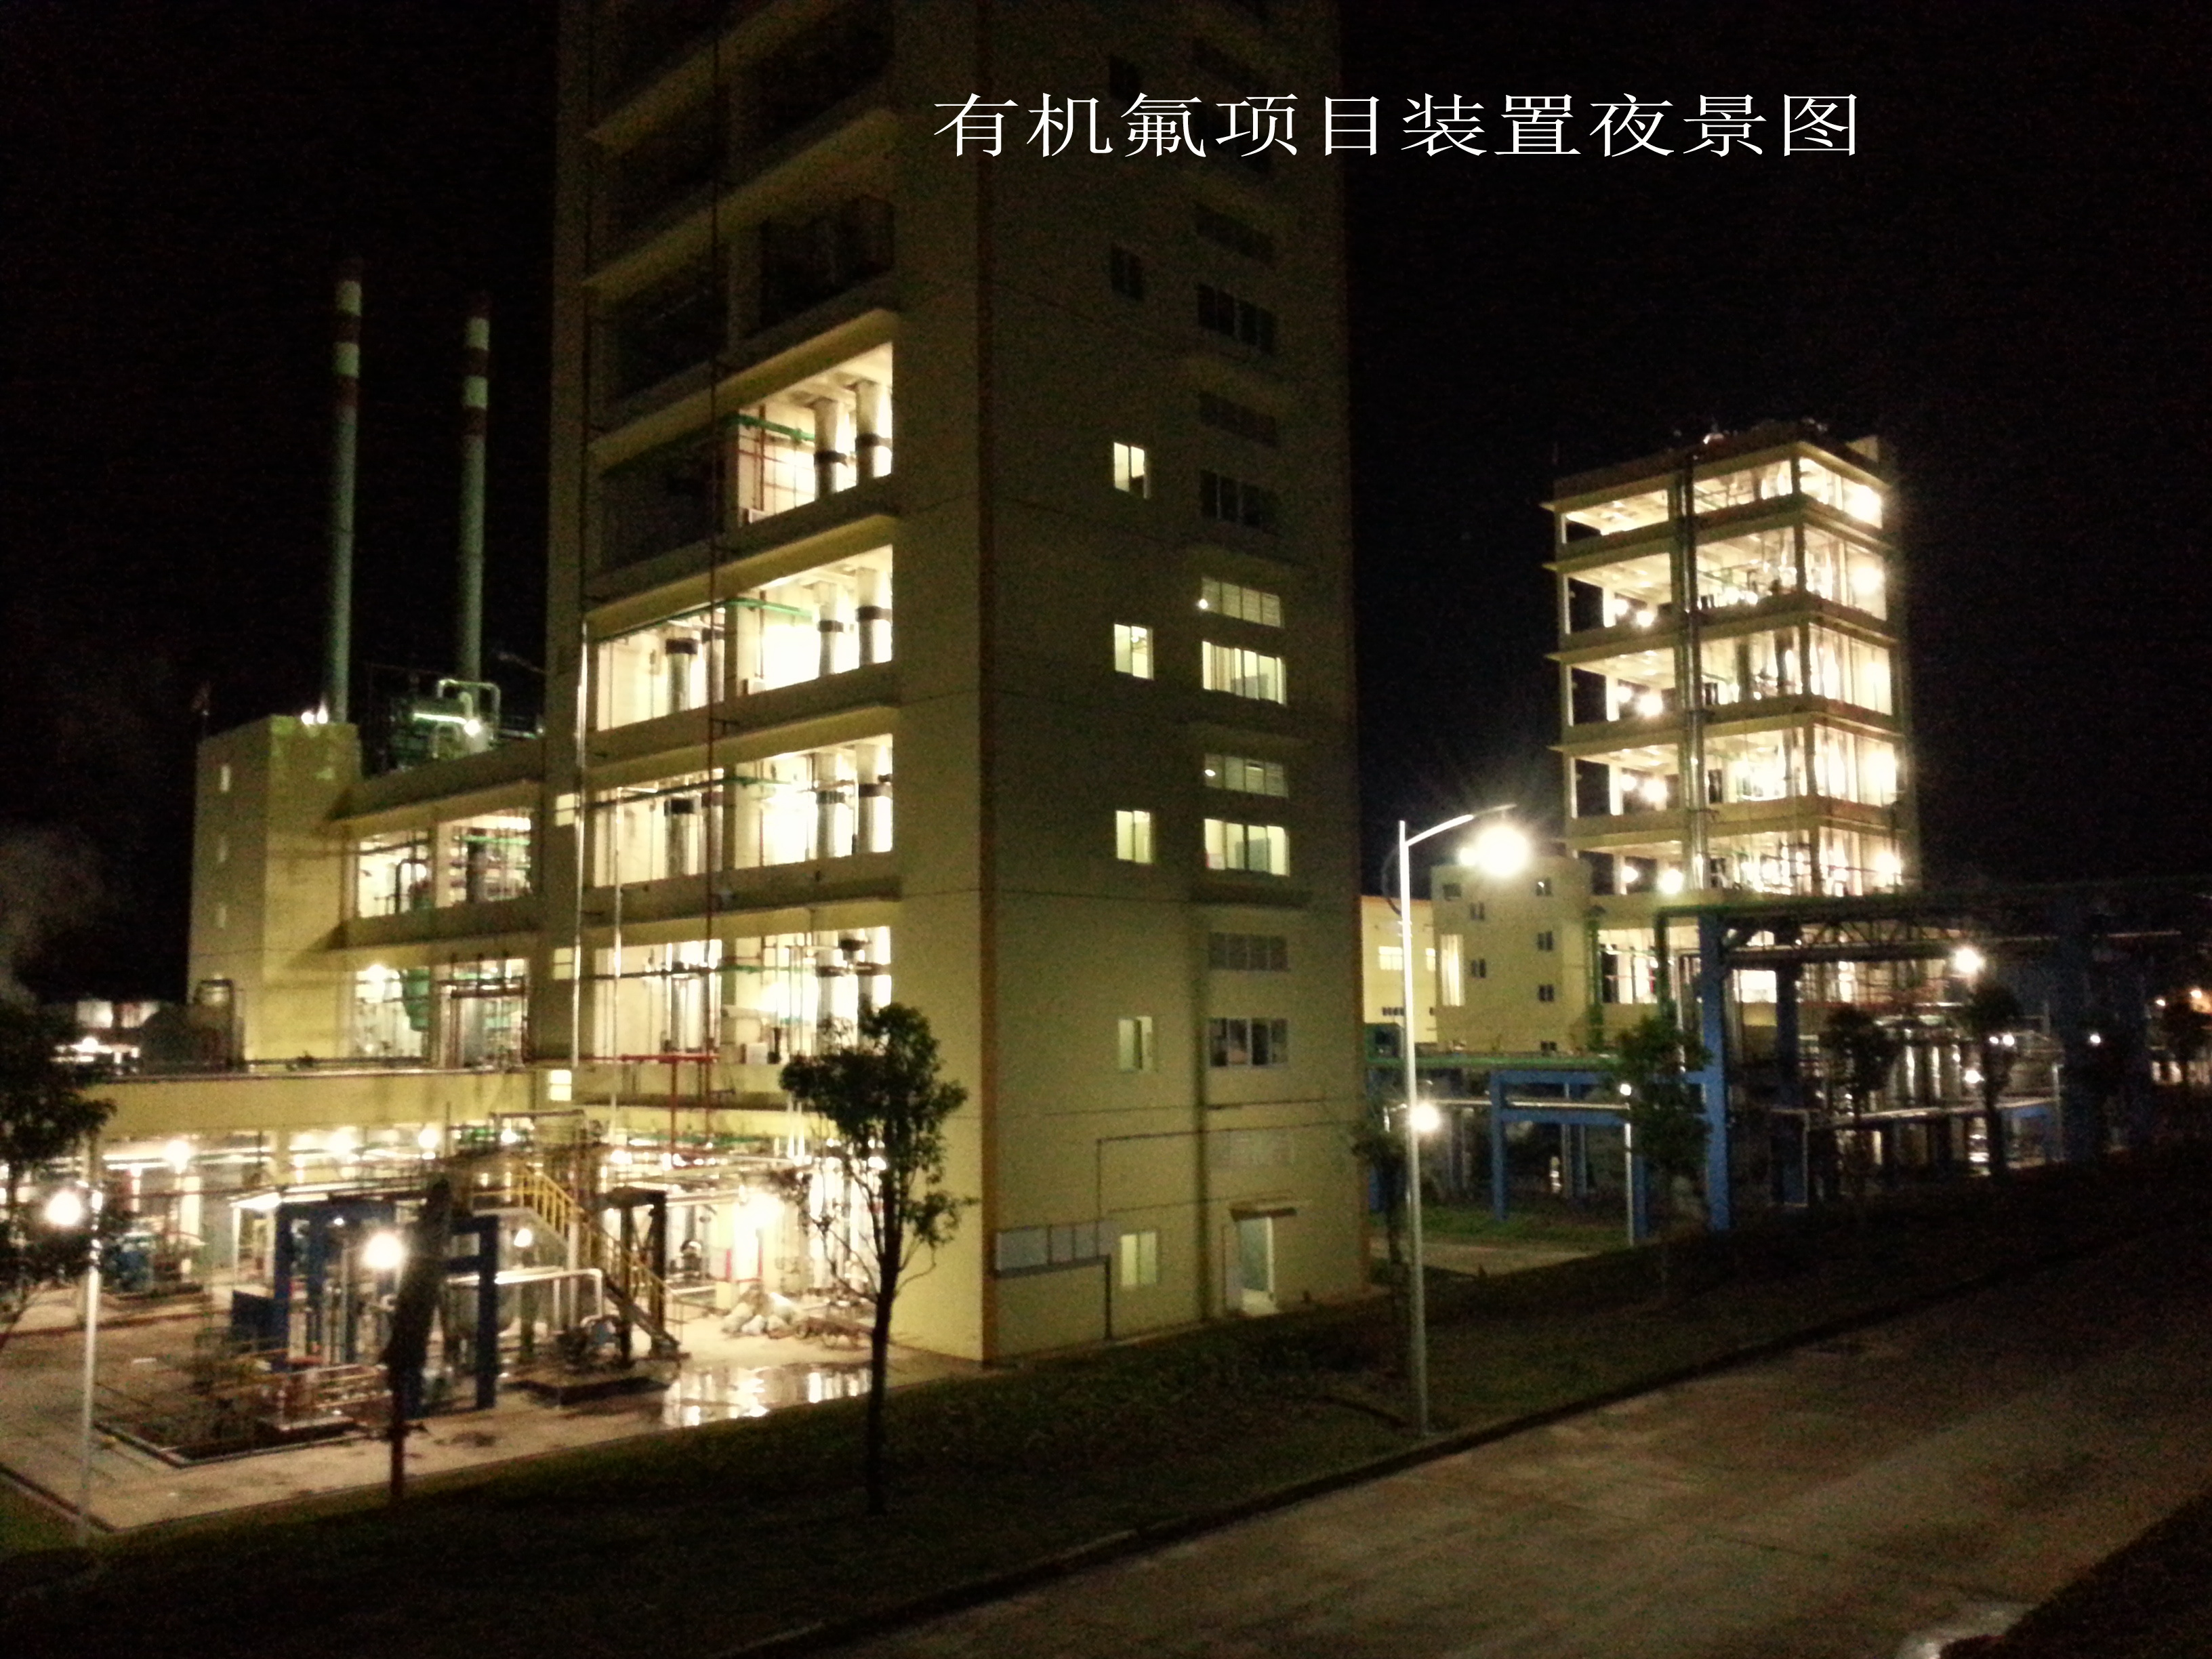 有机氟项目装置夜景